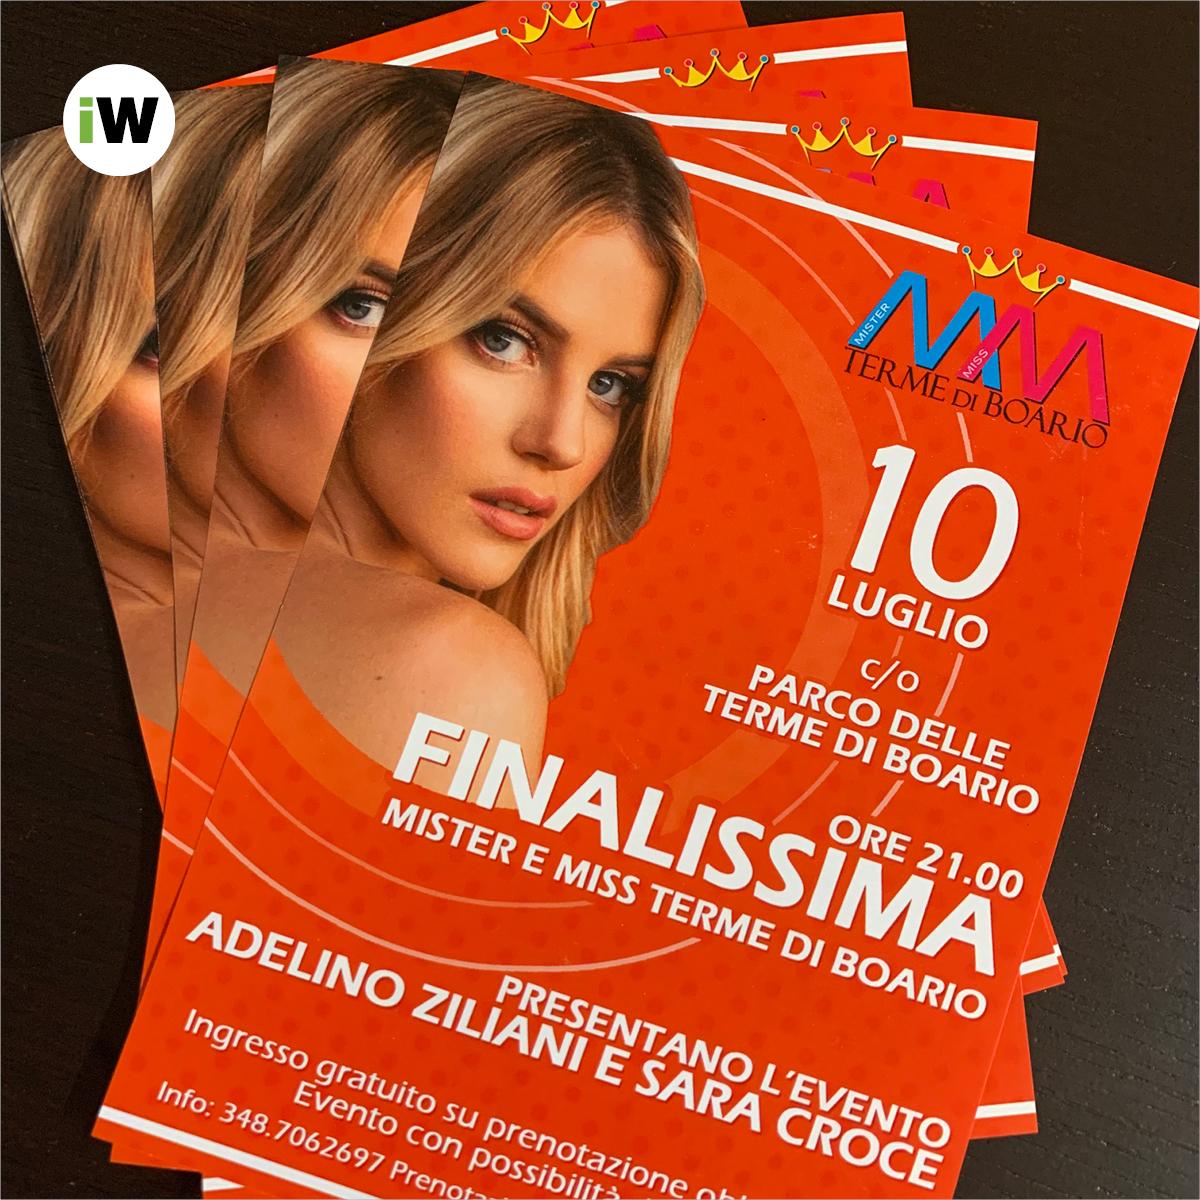 Stampa flyer A5 Finalissima Mister e Miss Terme di Boario